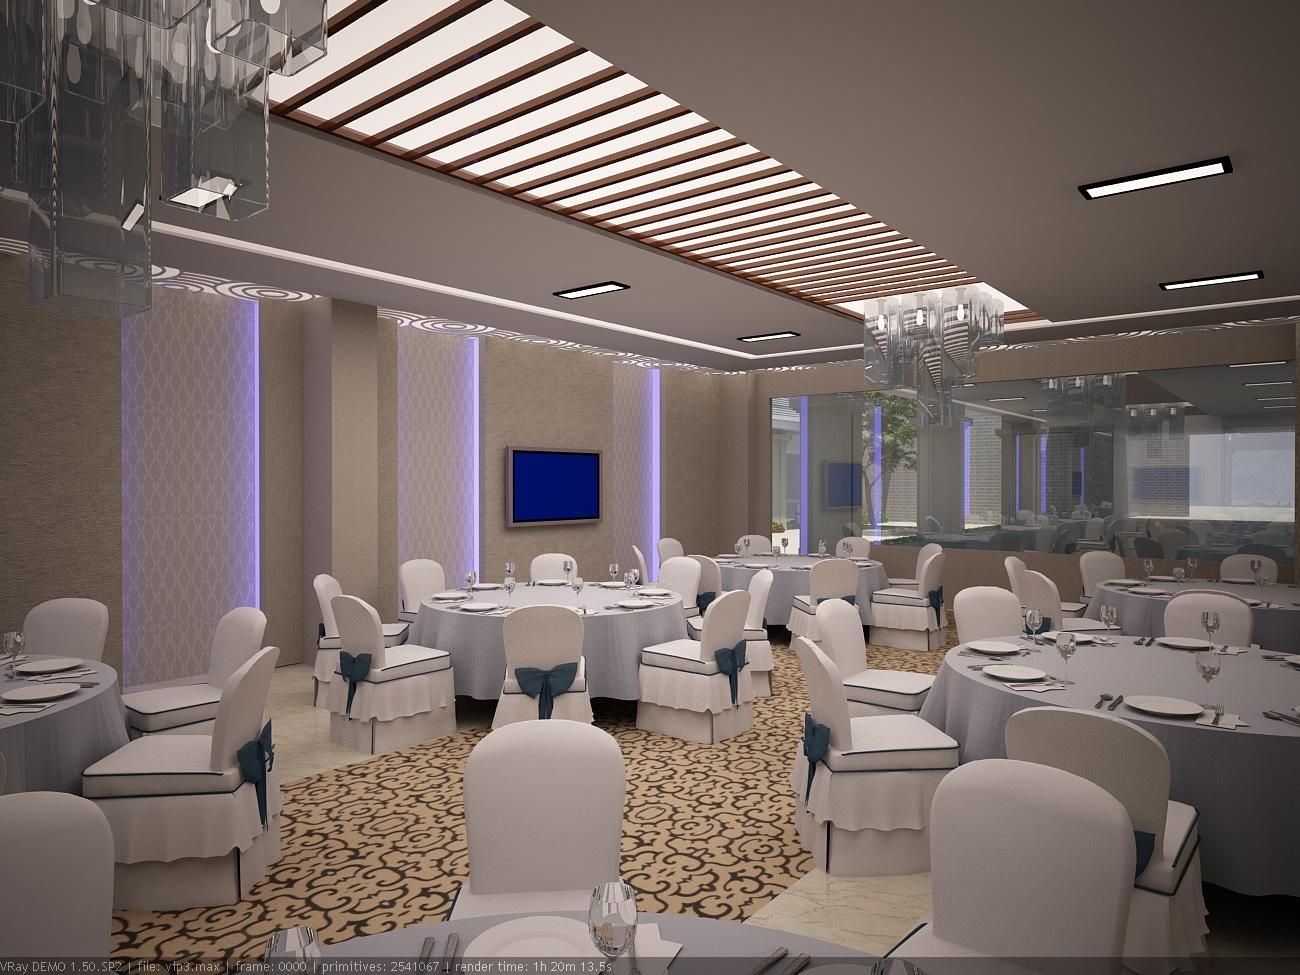 Nhà hàng tiệc cưới âu cơ - Sảnh tiệc